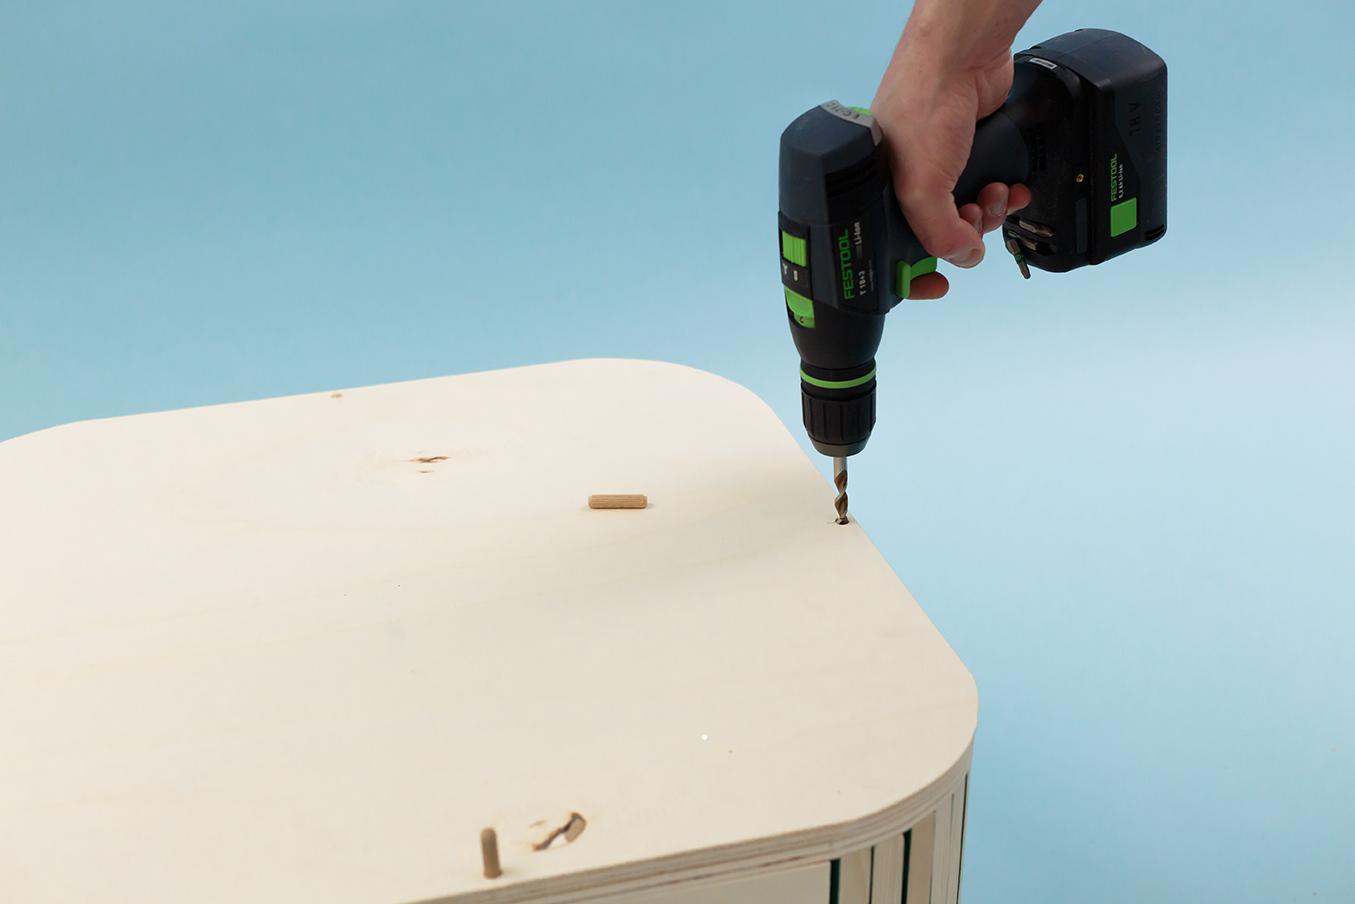 Découvrez comment réaliser notre coffre 3 en 1 en bois, un make it imaginé pour Leroy Merlin. Très pratique et design, il s'adaptera à tous les intérieurs.